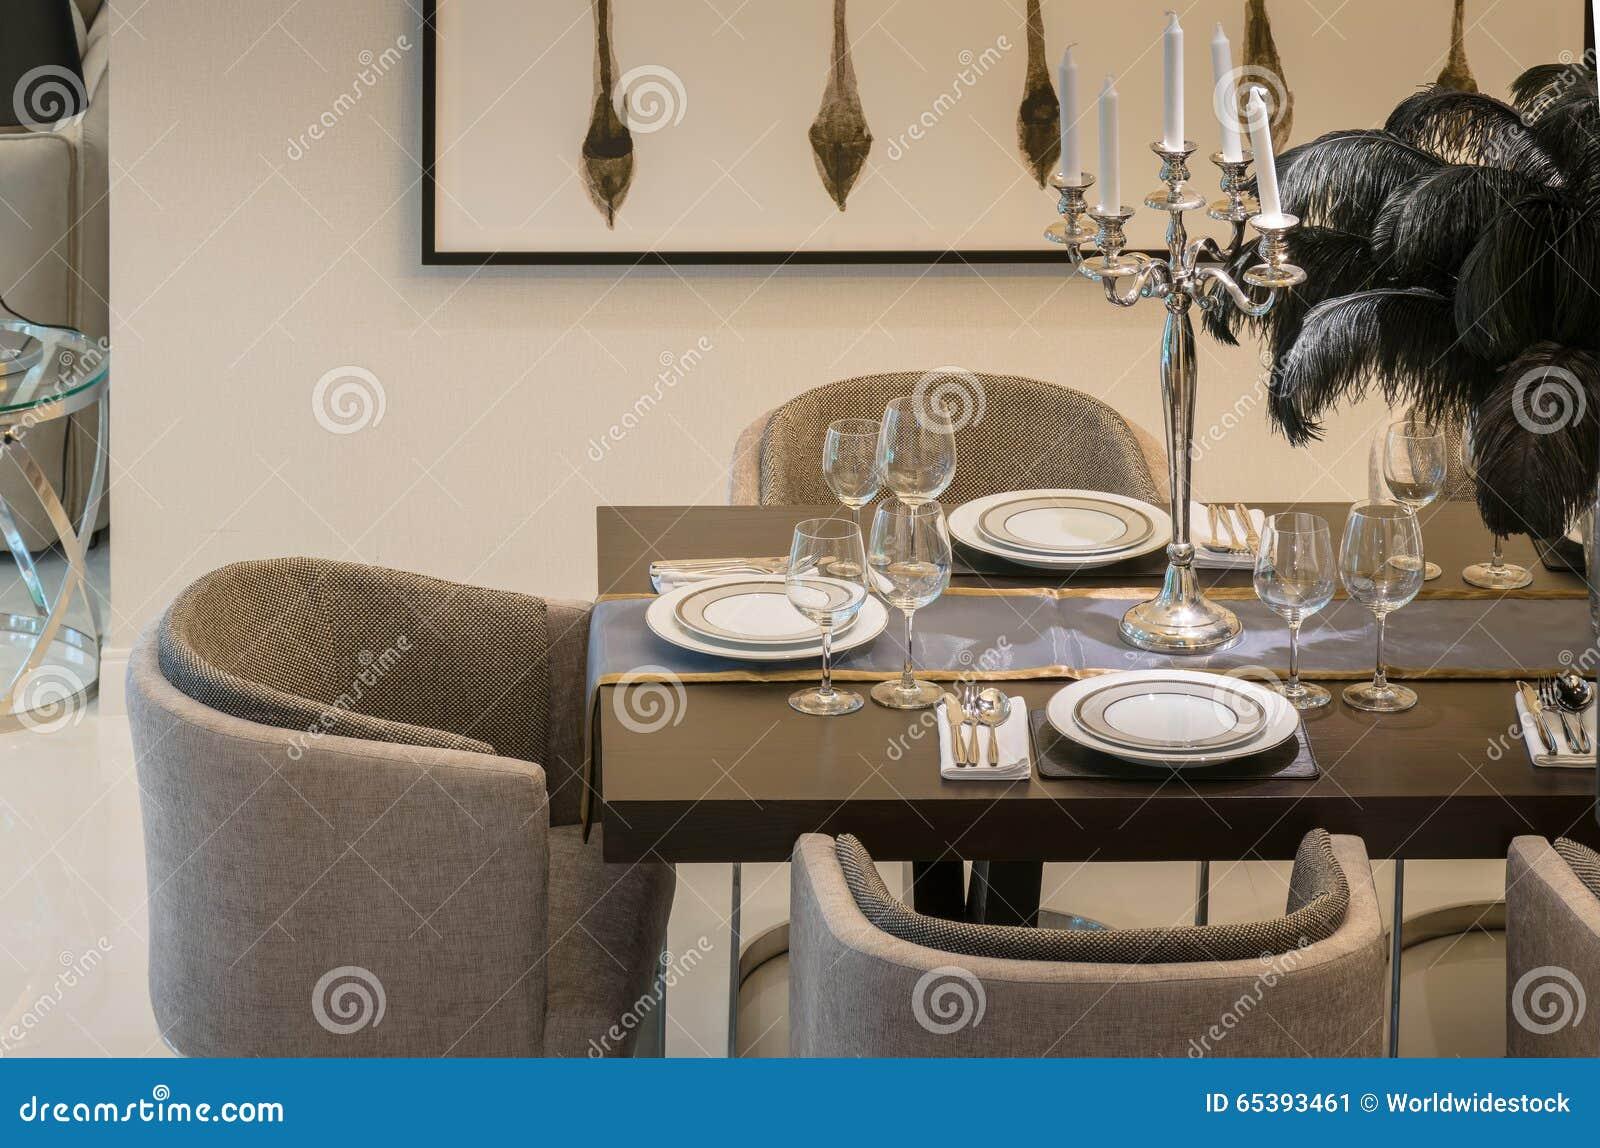 Download Speisetisch Und Bequeme Stühle Im Modernen Haus Stockbild   Bild  Von Teller, Gabeln: